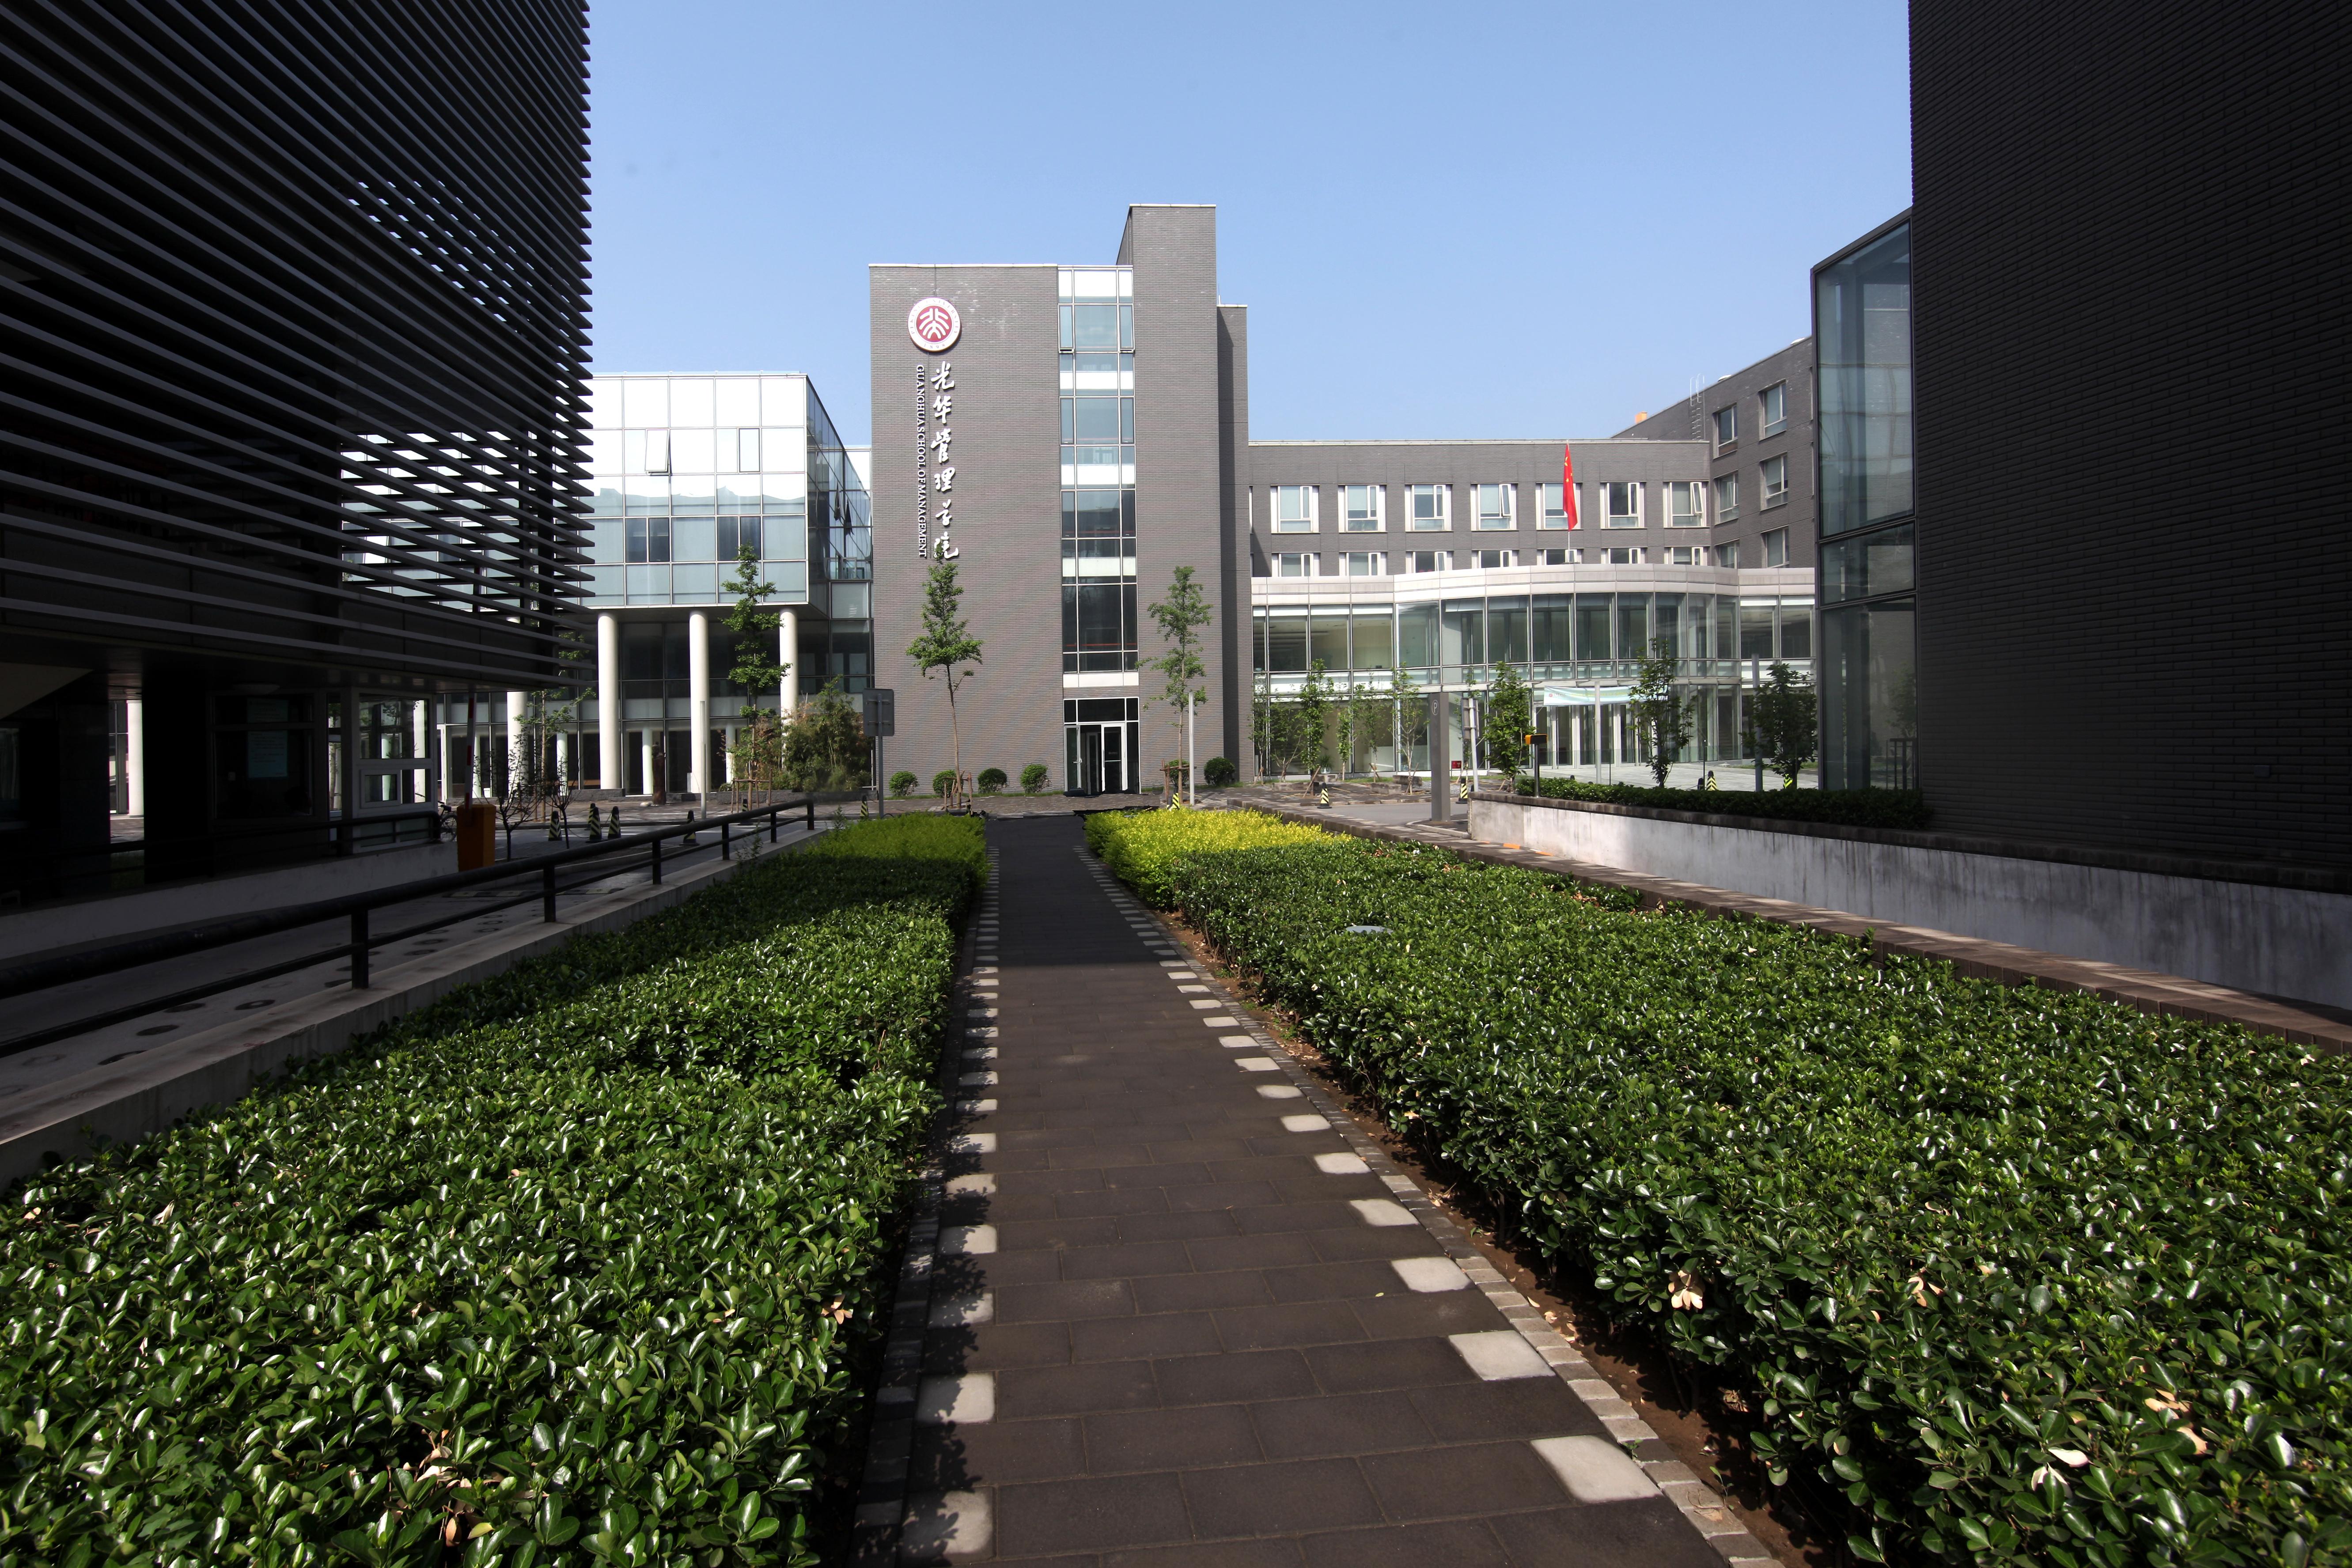 Guanghua